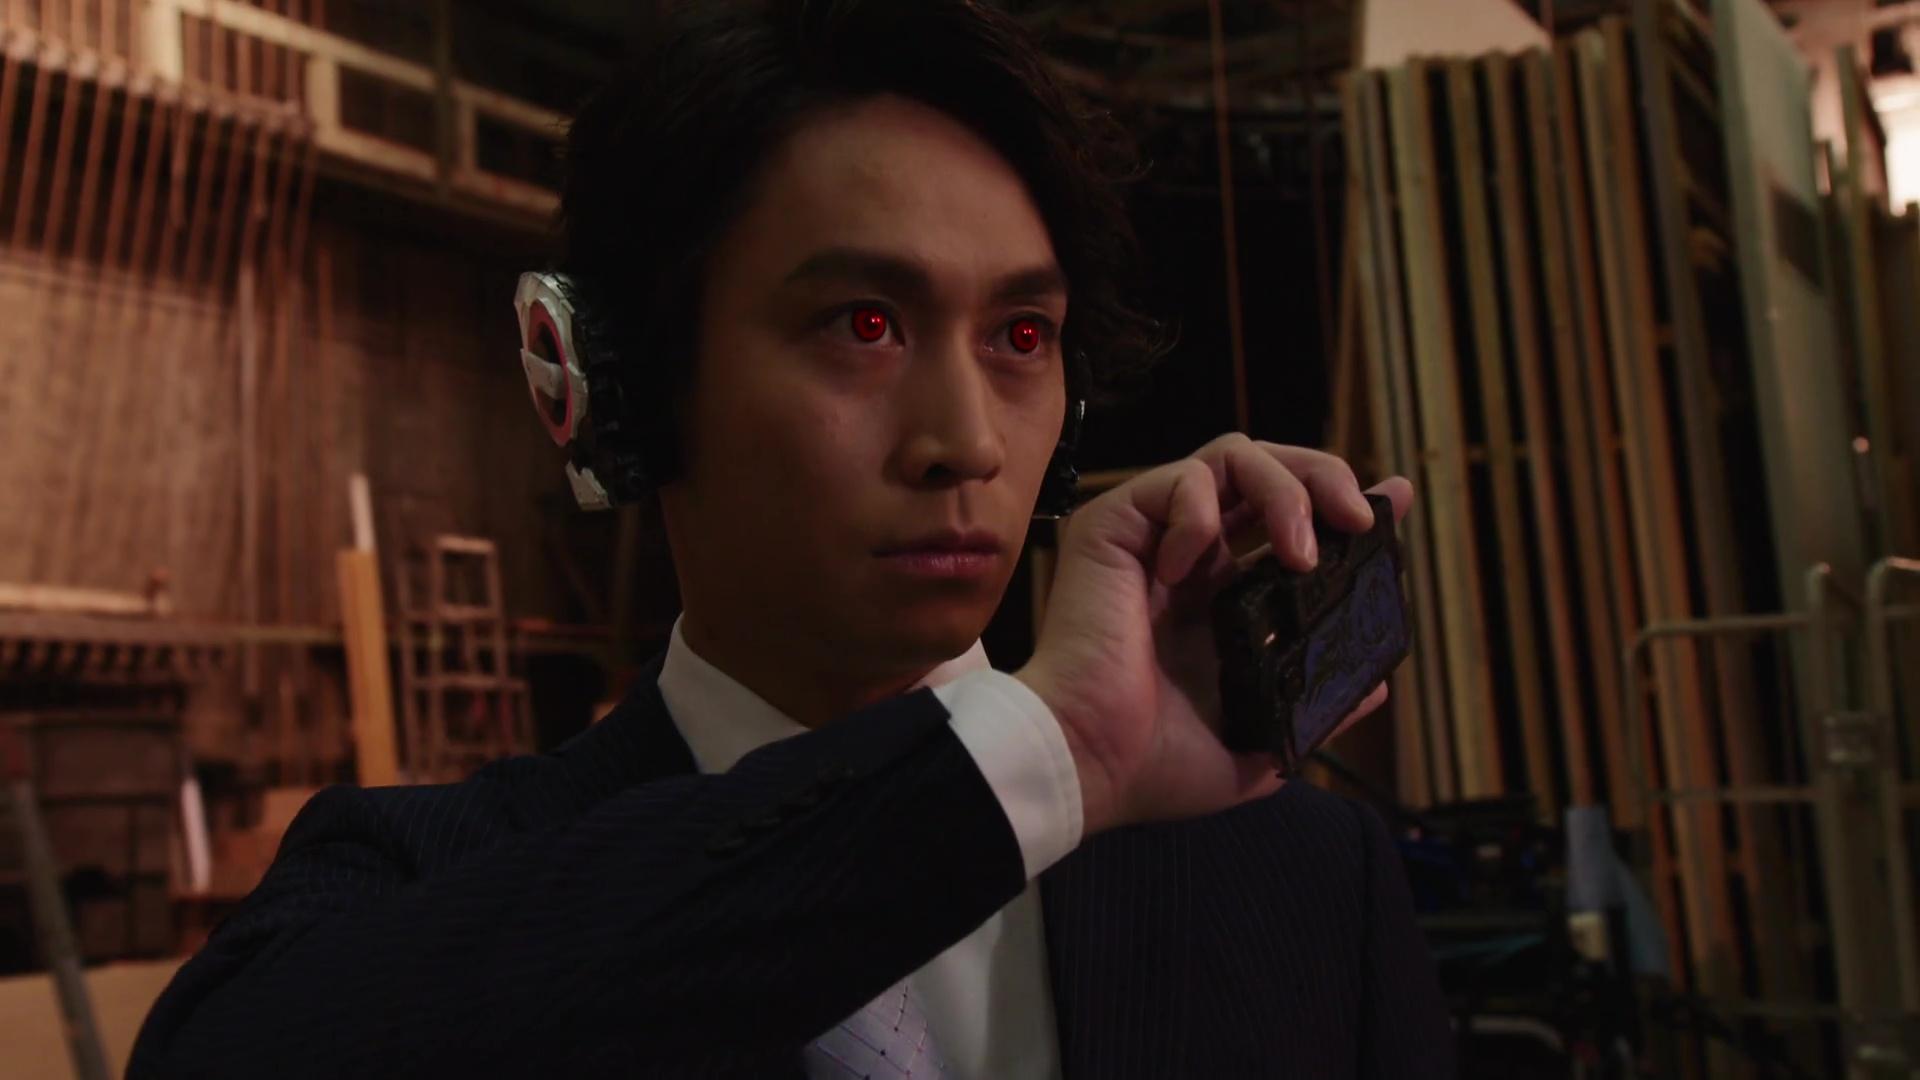 Kamen Rider Zero One Episode 11 Recap